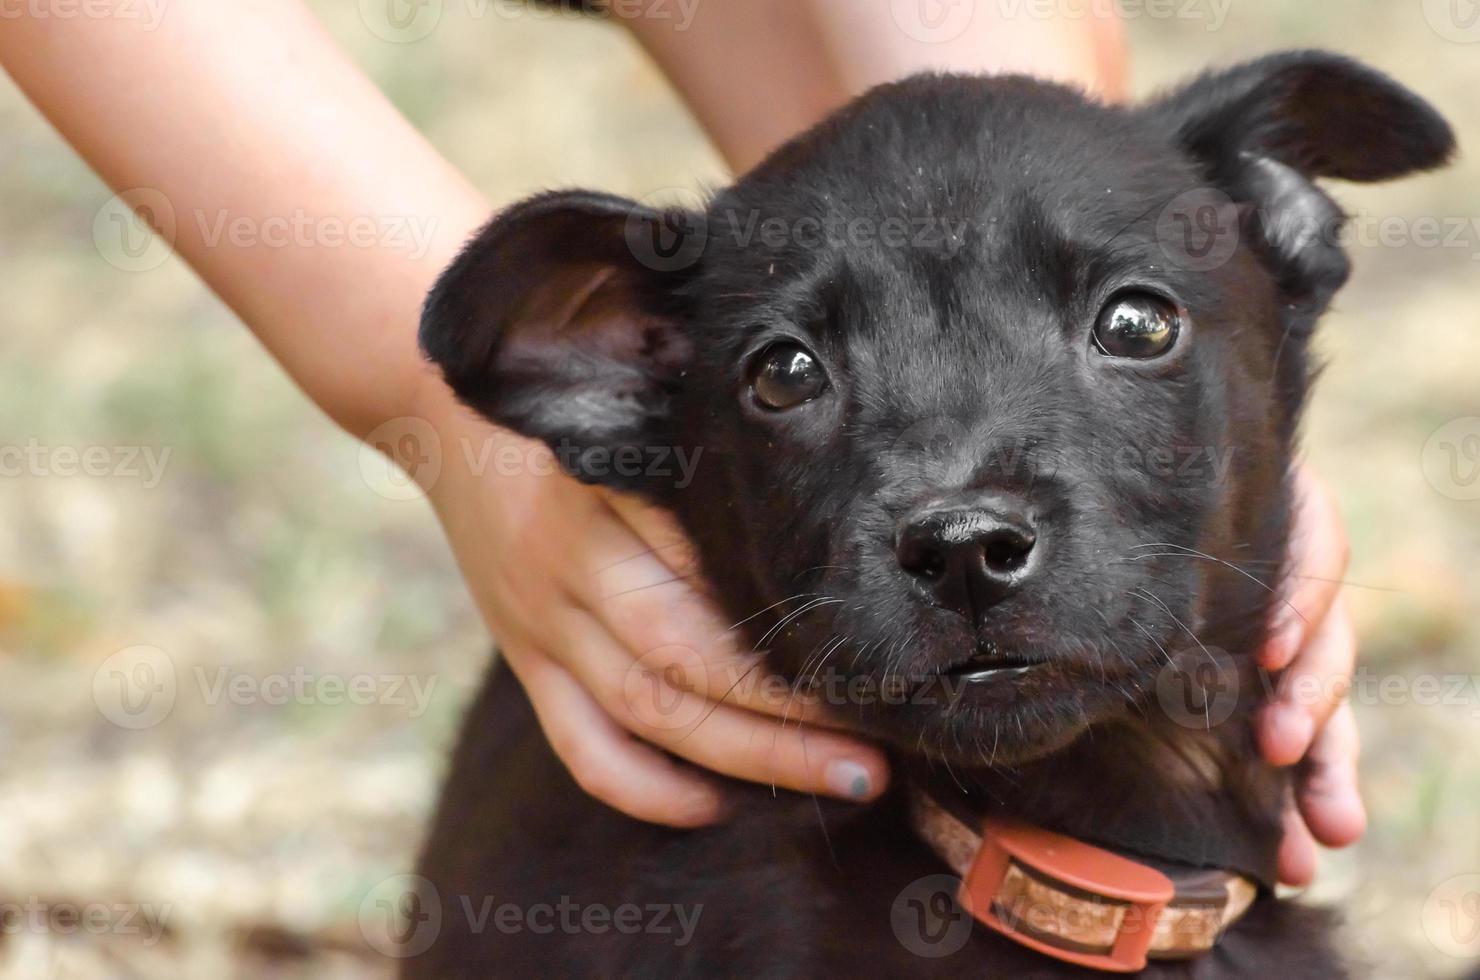 zwarte pup met de handen van kinderen op de nek foto